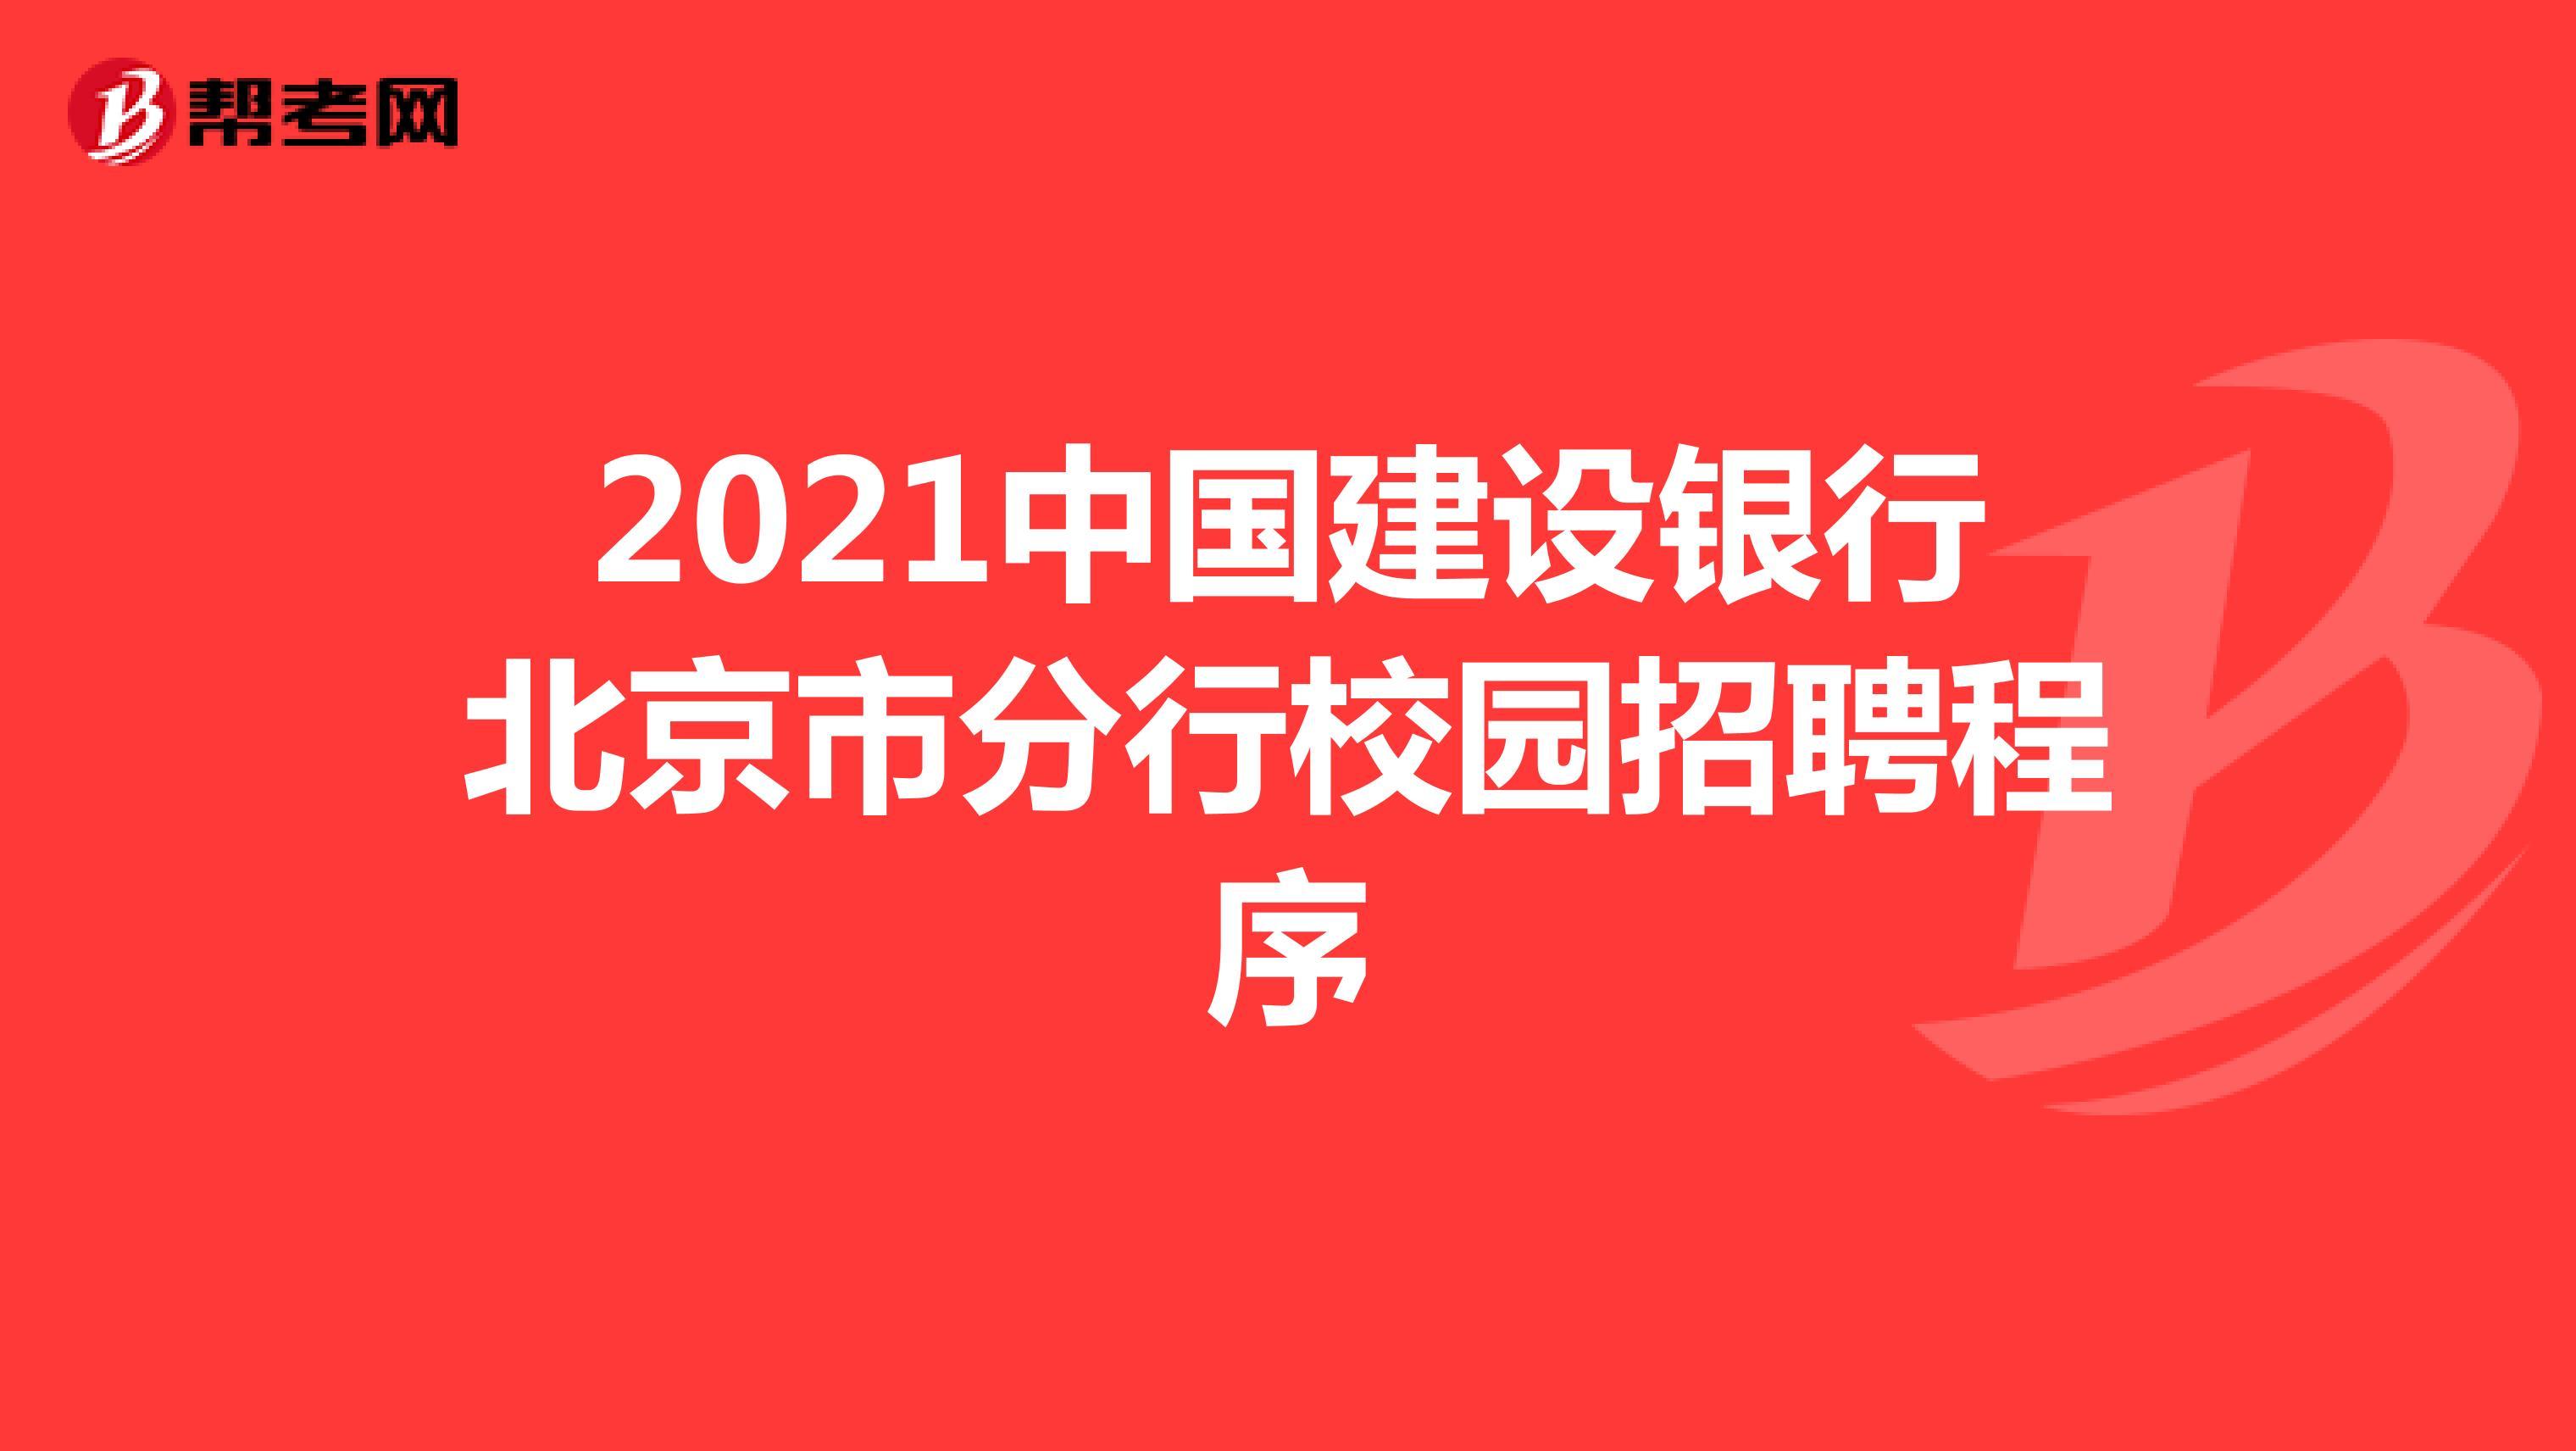 2021中国建设银行北京市分行校园招聘程序